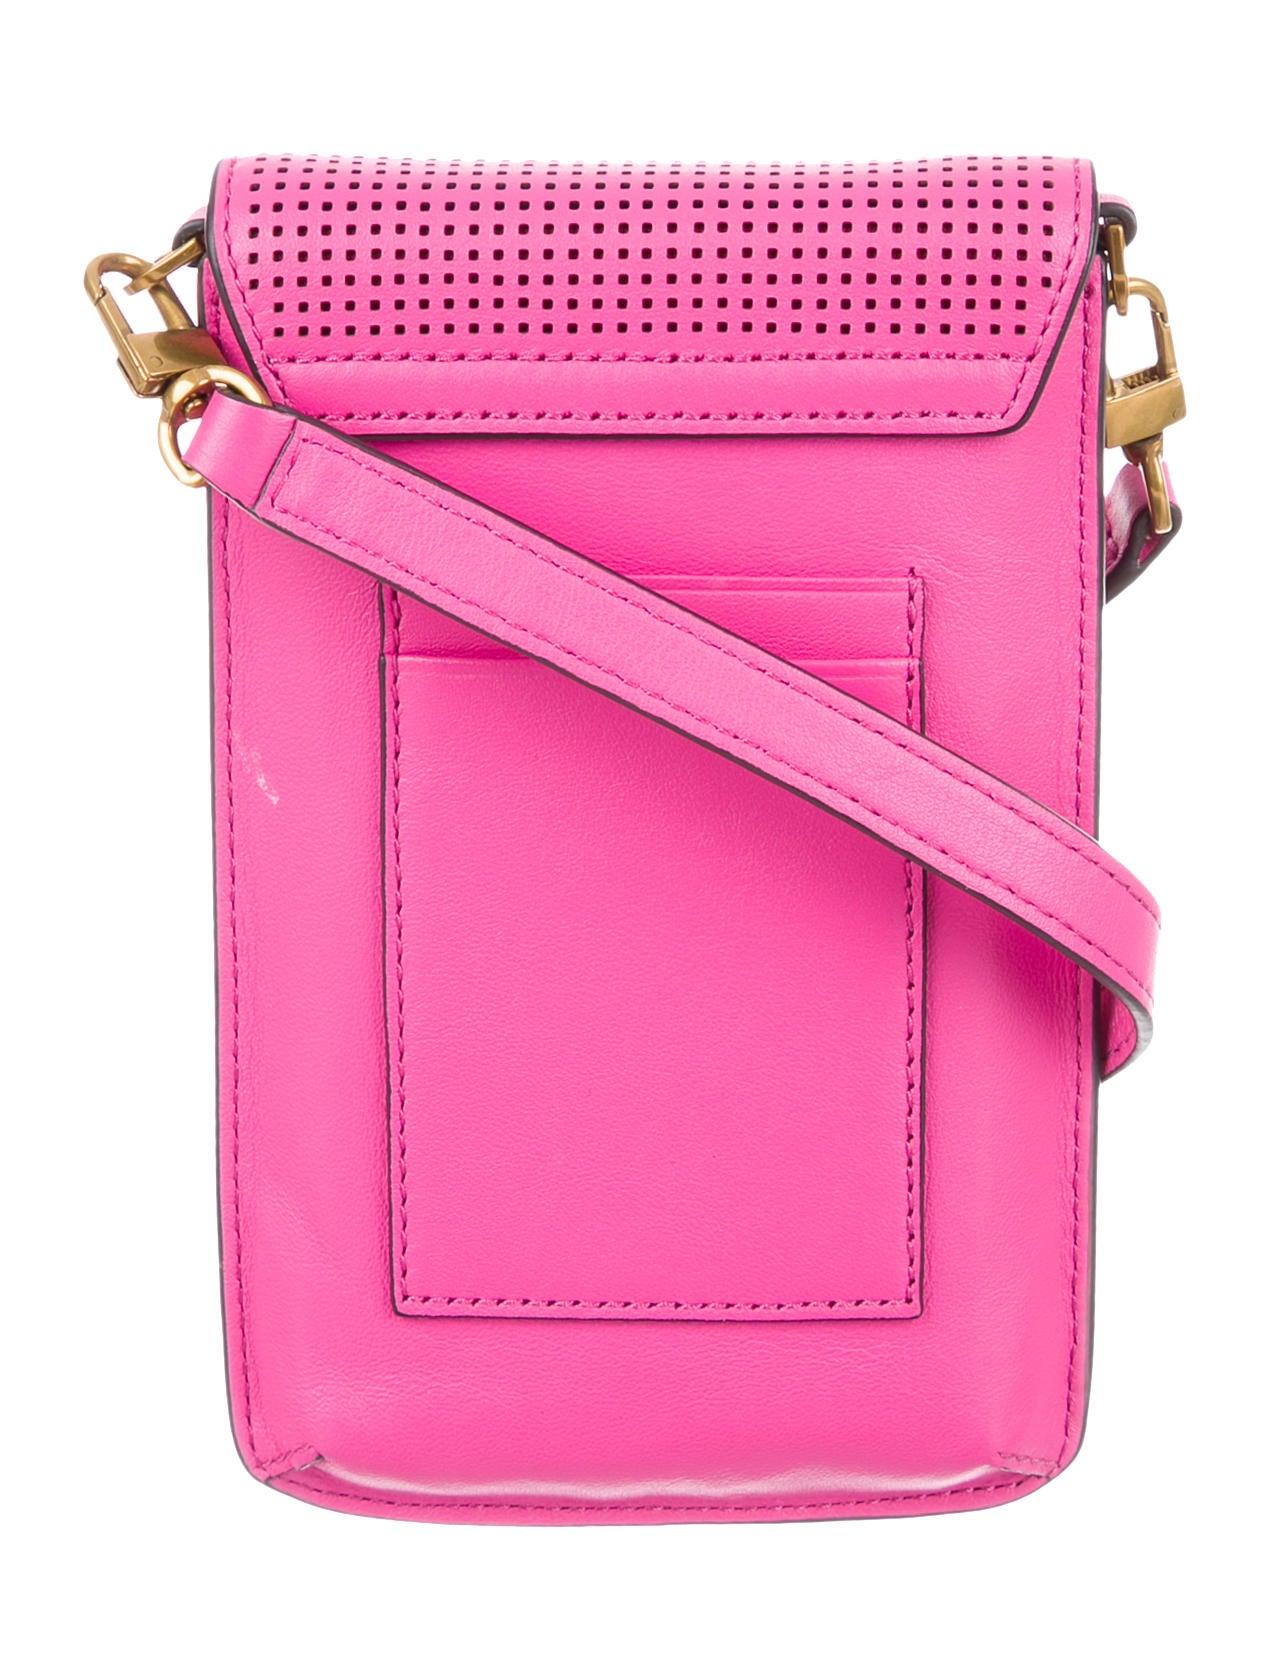 Tory Burch Perforated Phone Crossbody - Handbags